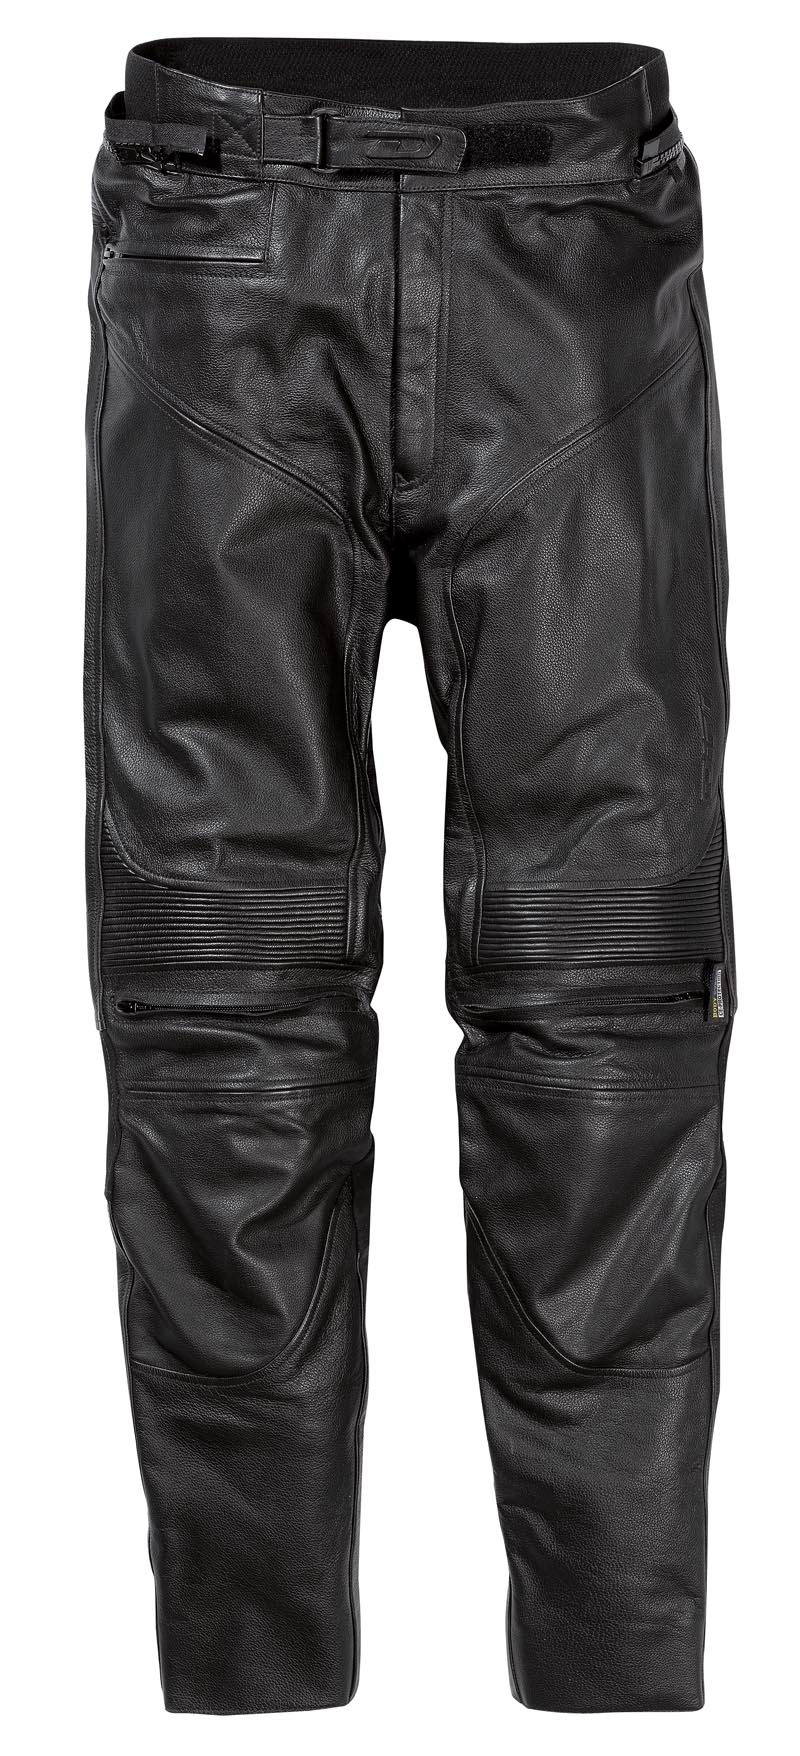 Pantalon Blake noir - Difi